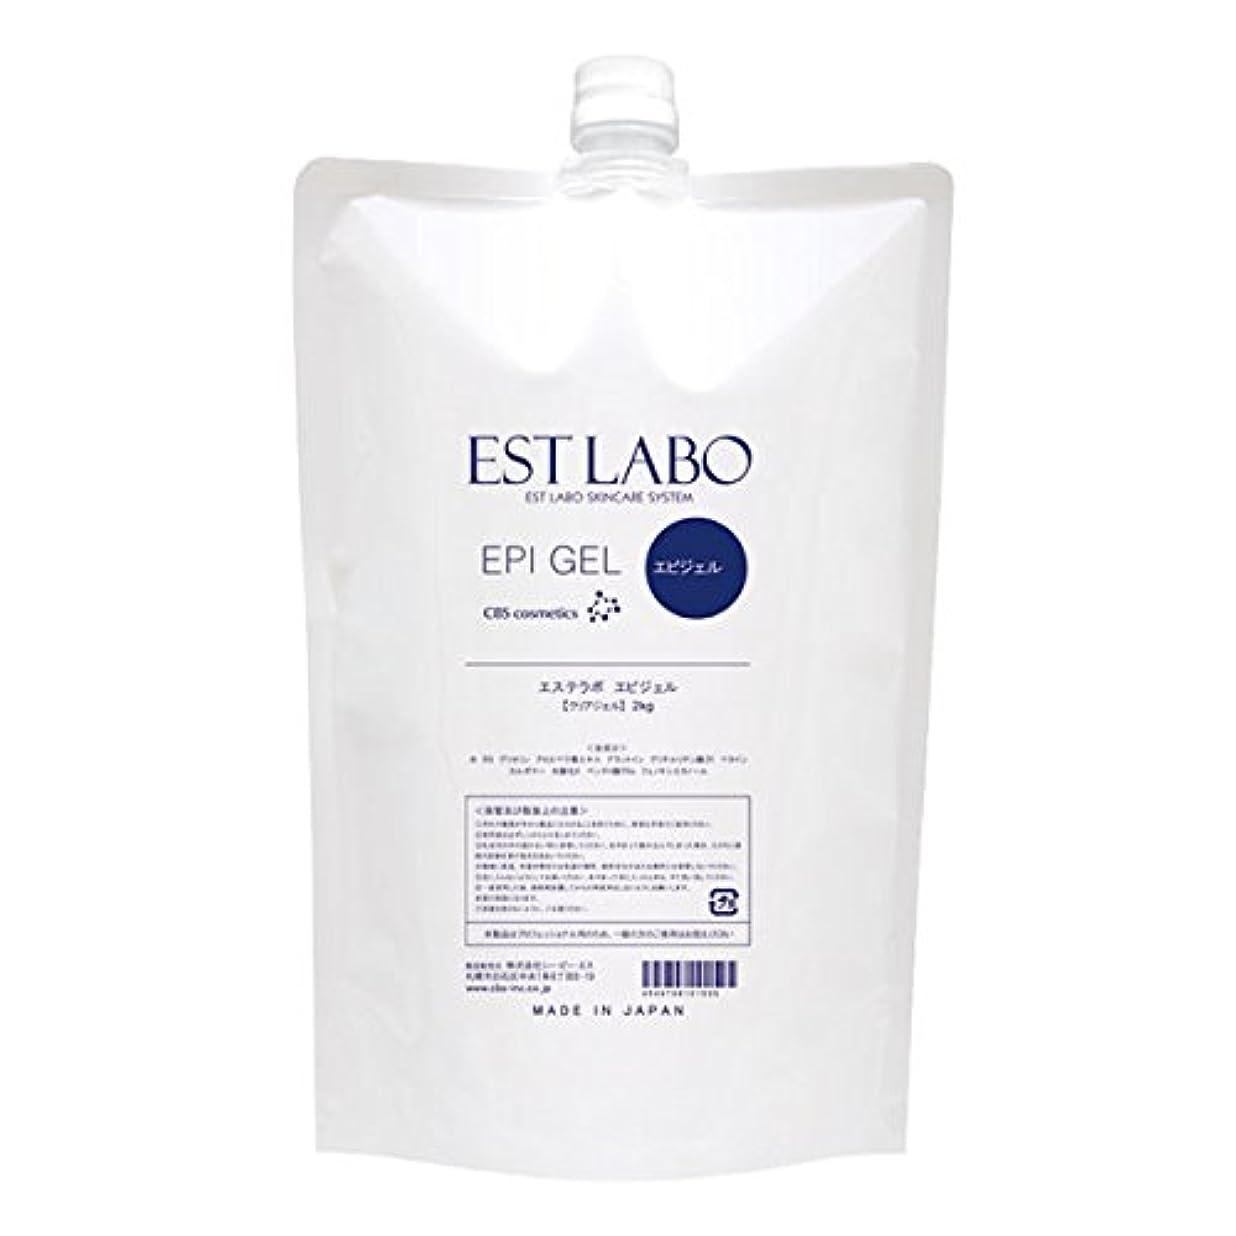 不従順レタス制約脱毛 EST LABO エピジェル(1袋?2kg)×2 合計2袋?4kg 業務用